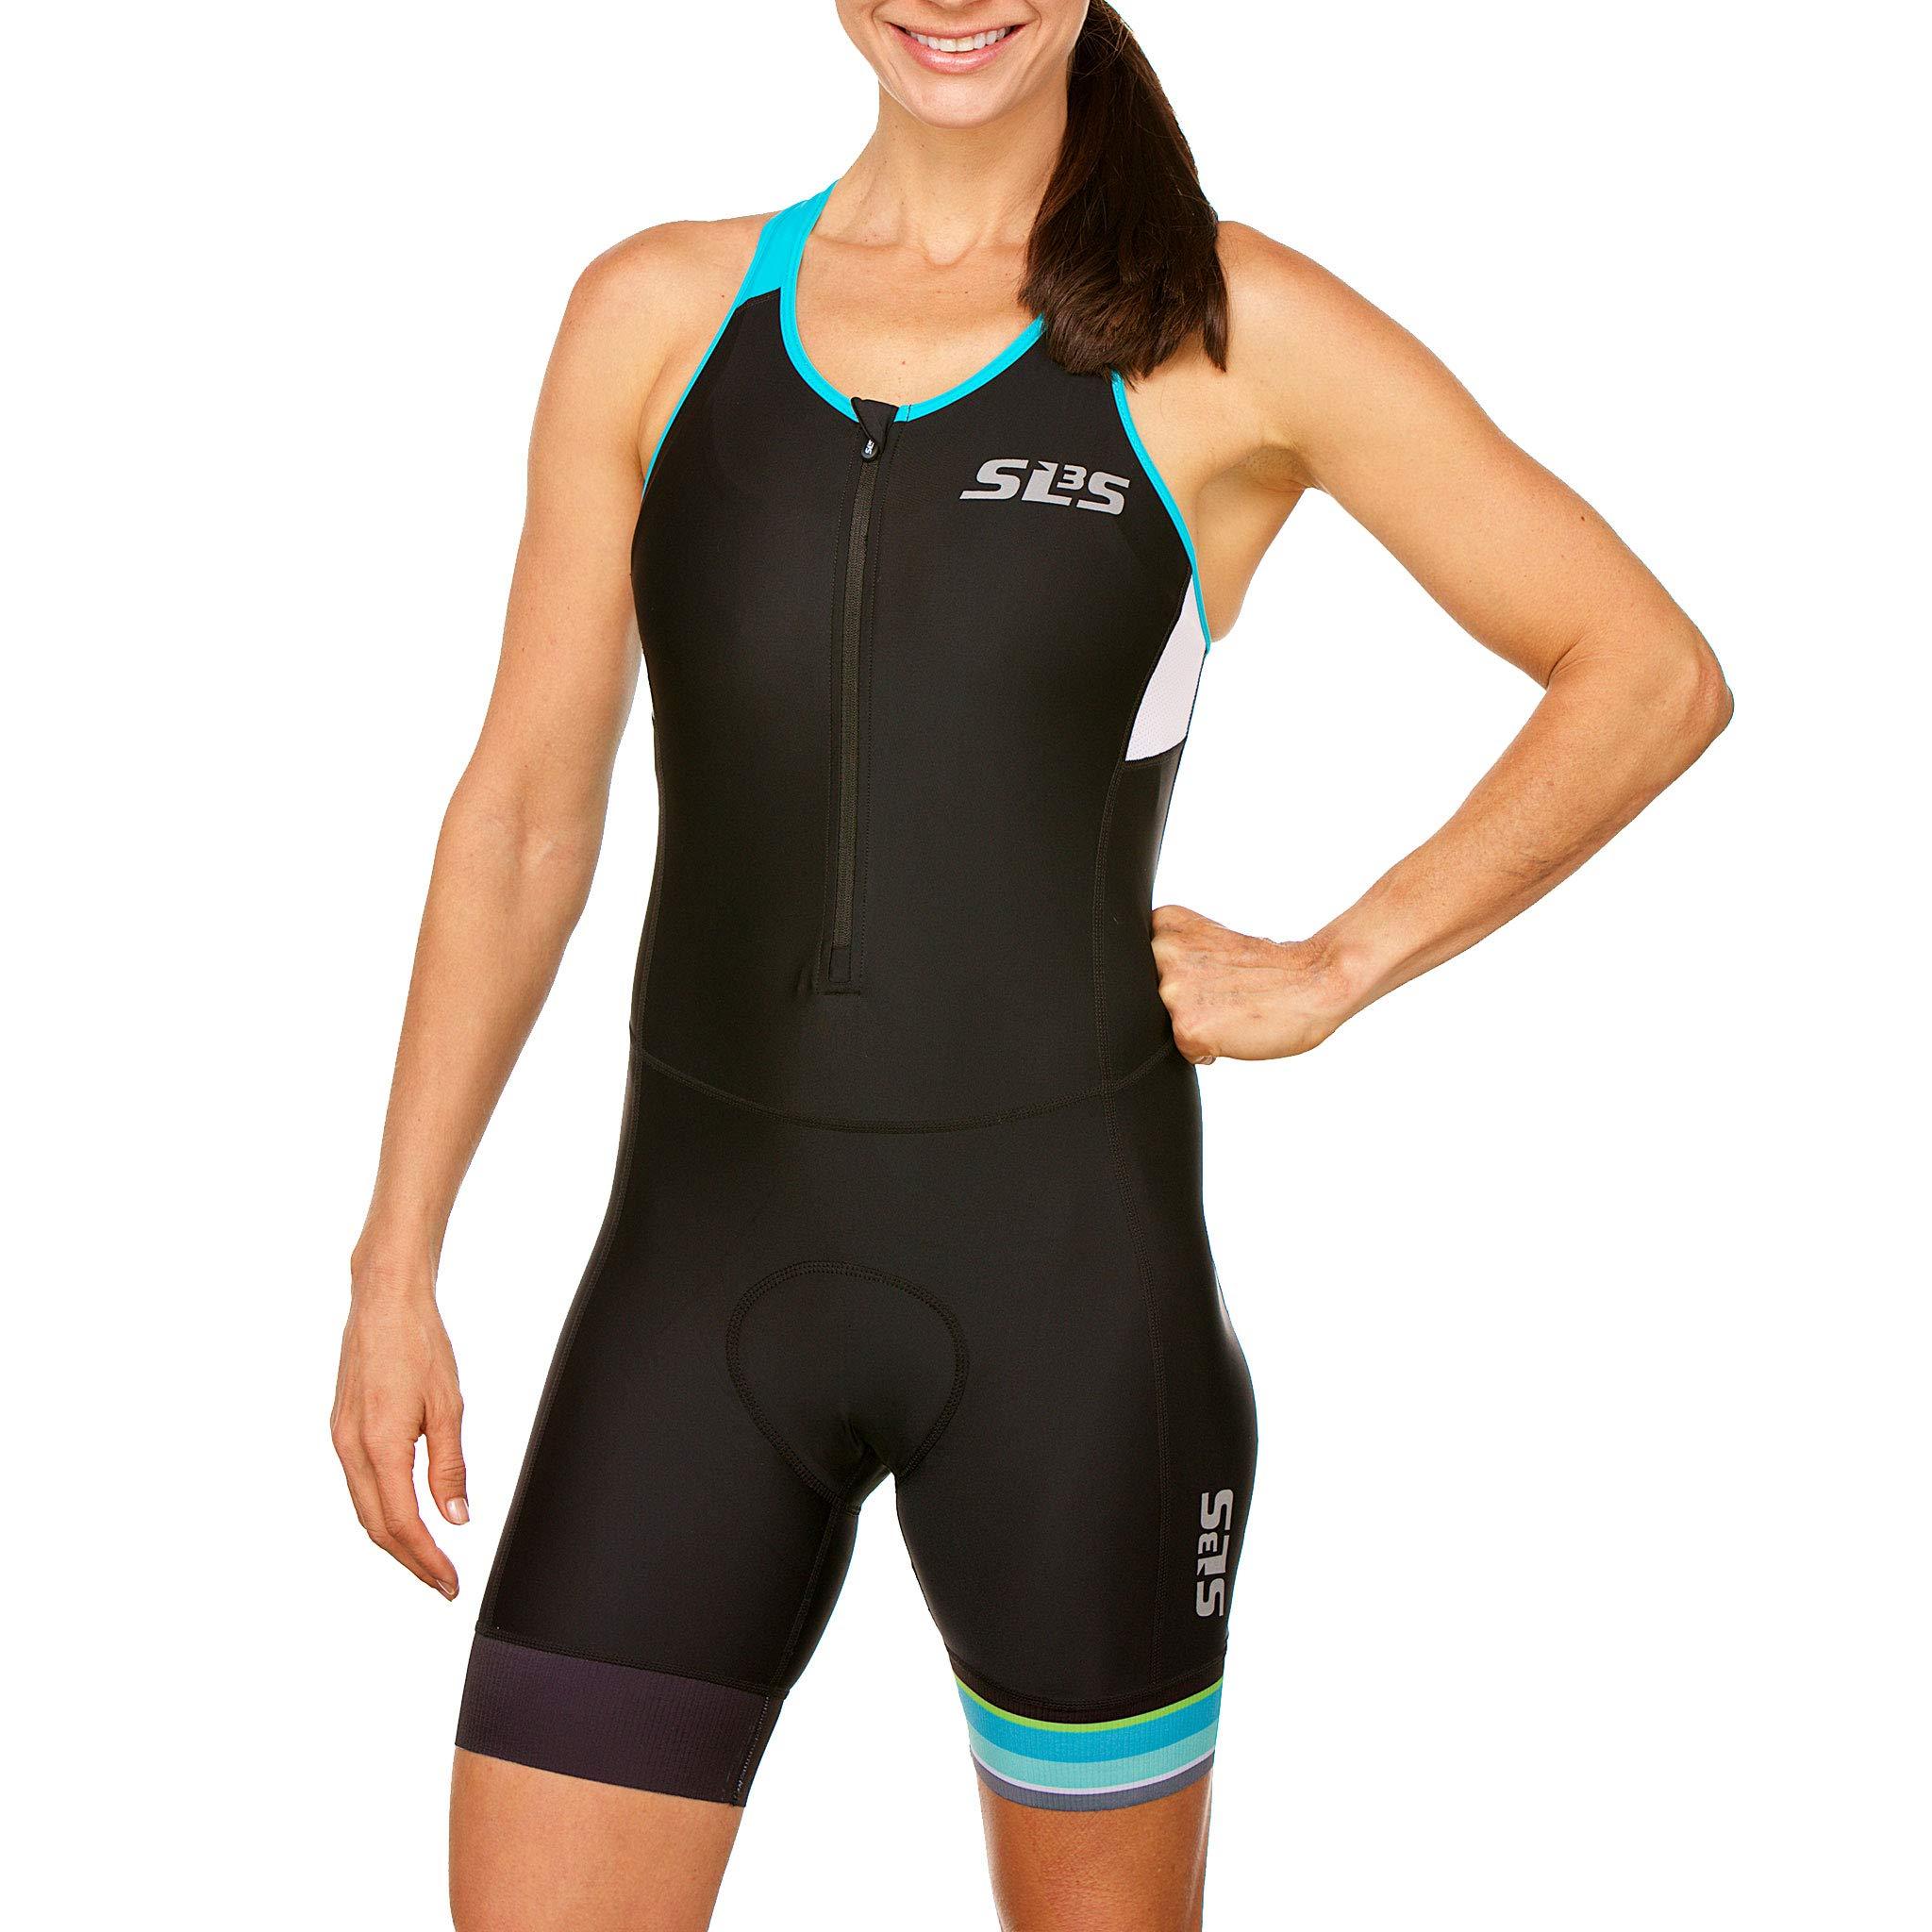 SLS3 Women`s Triathlon Tri Race Suit FRT | Womens Trisuit | Back Pocket Triathlon Suits | Anti-Friction Seams | German Designed (Black/Martinica Blue, XS) by SLS3 (Image #2)